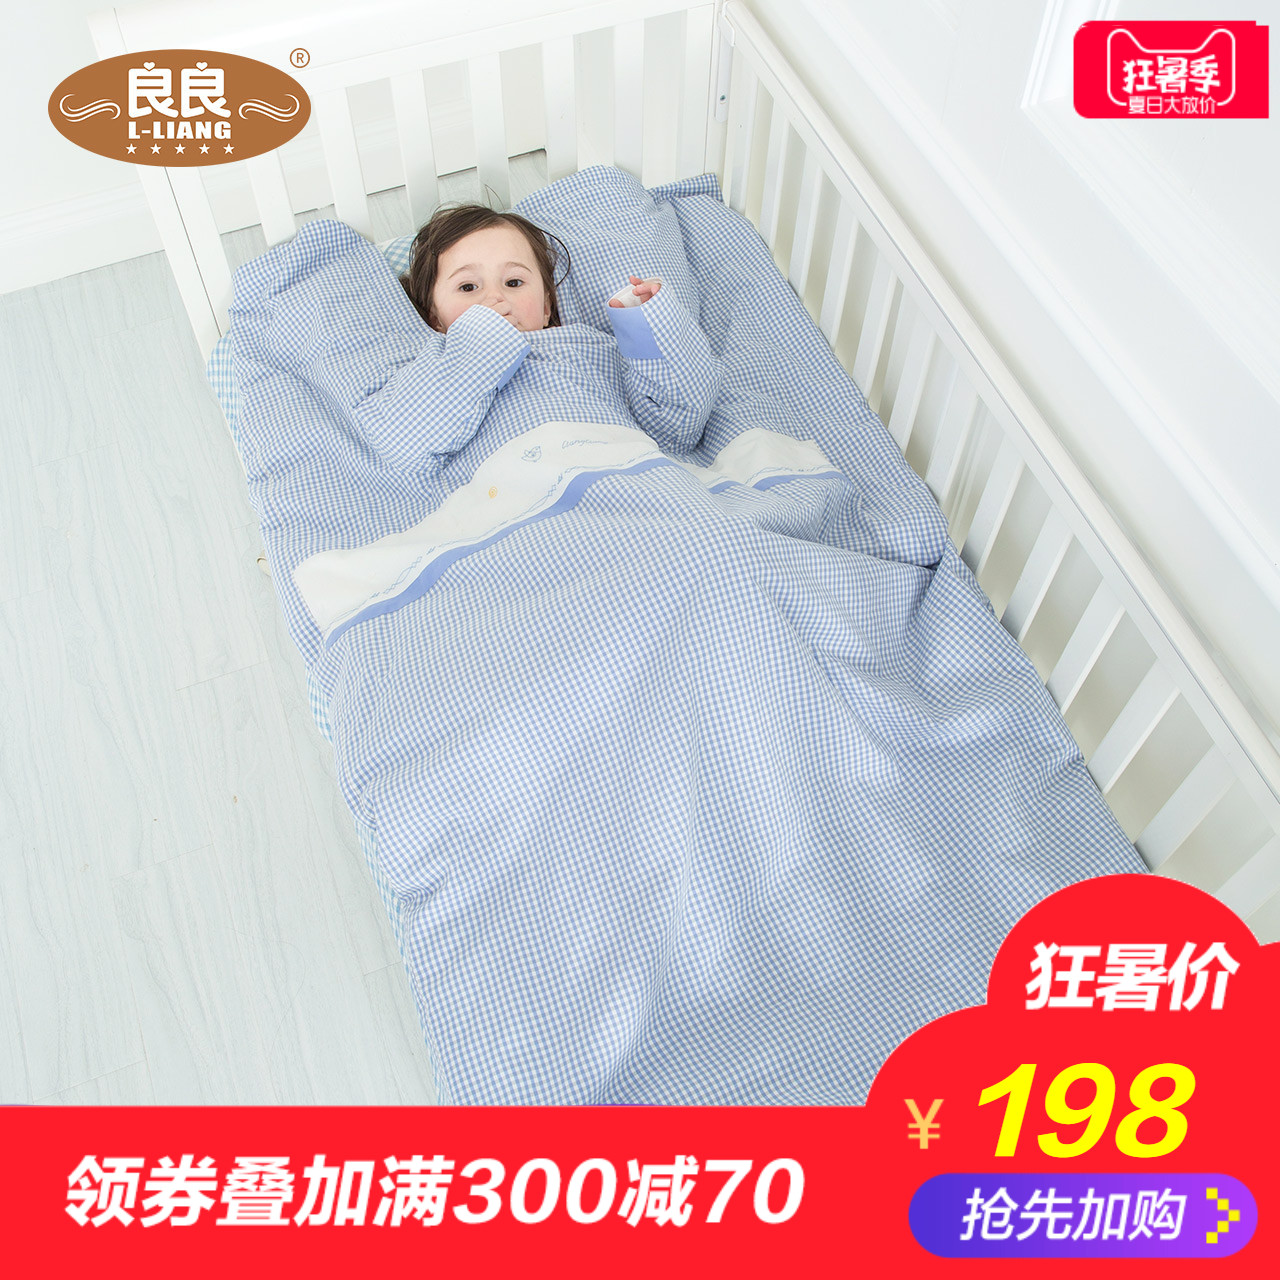 良良 婴儿睡袋儿童多功能防踢被四季款棉宝宝睡袋春秋中大童被子